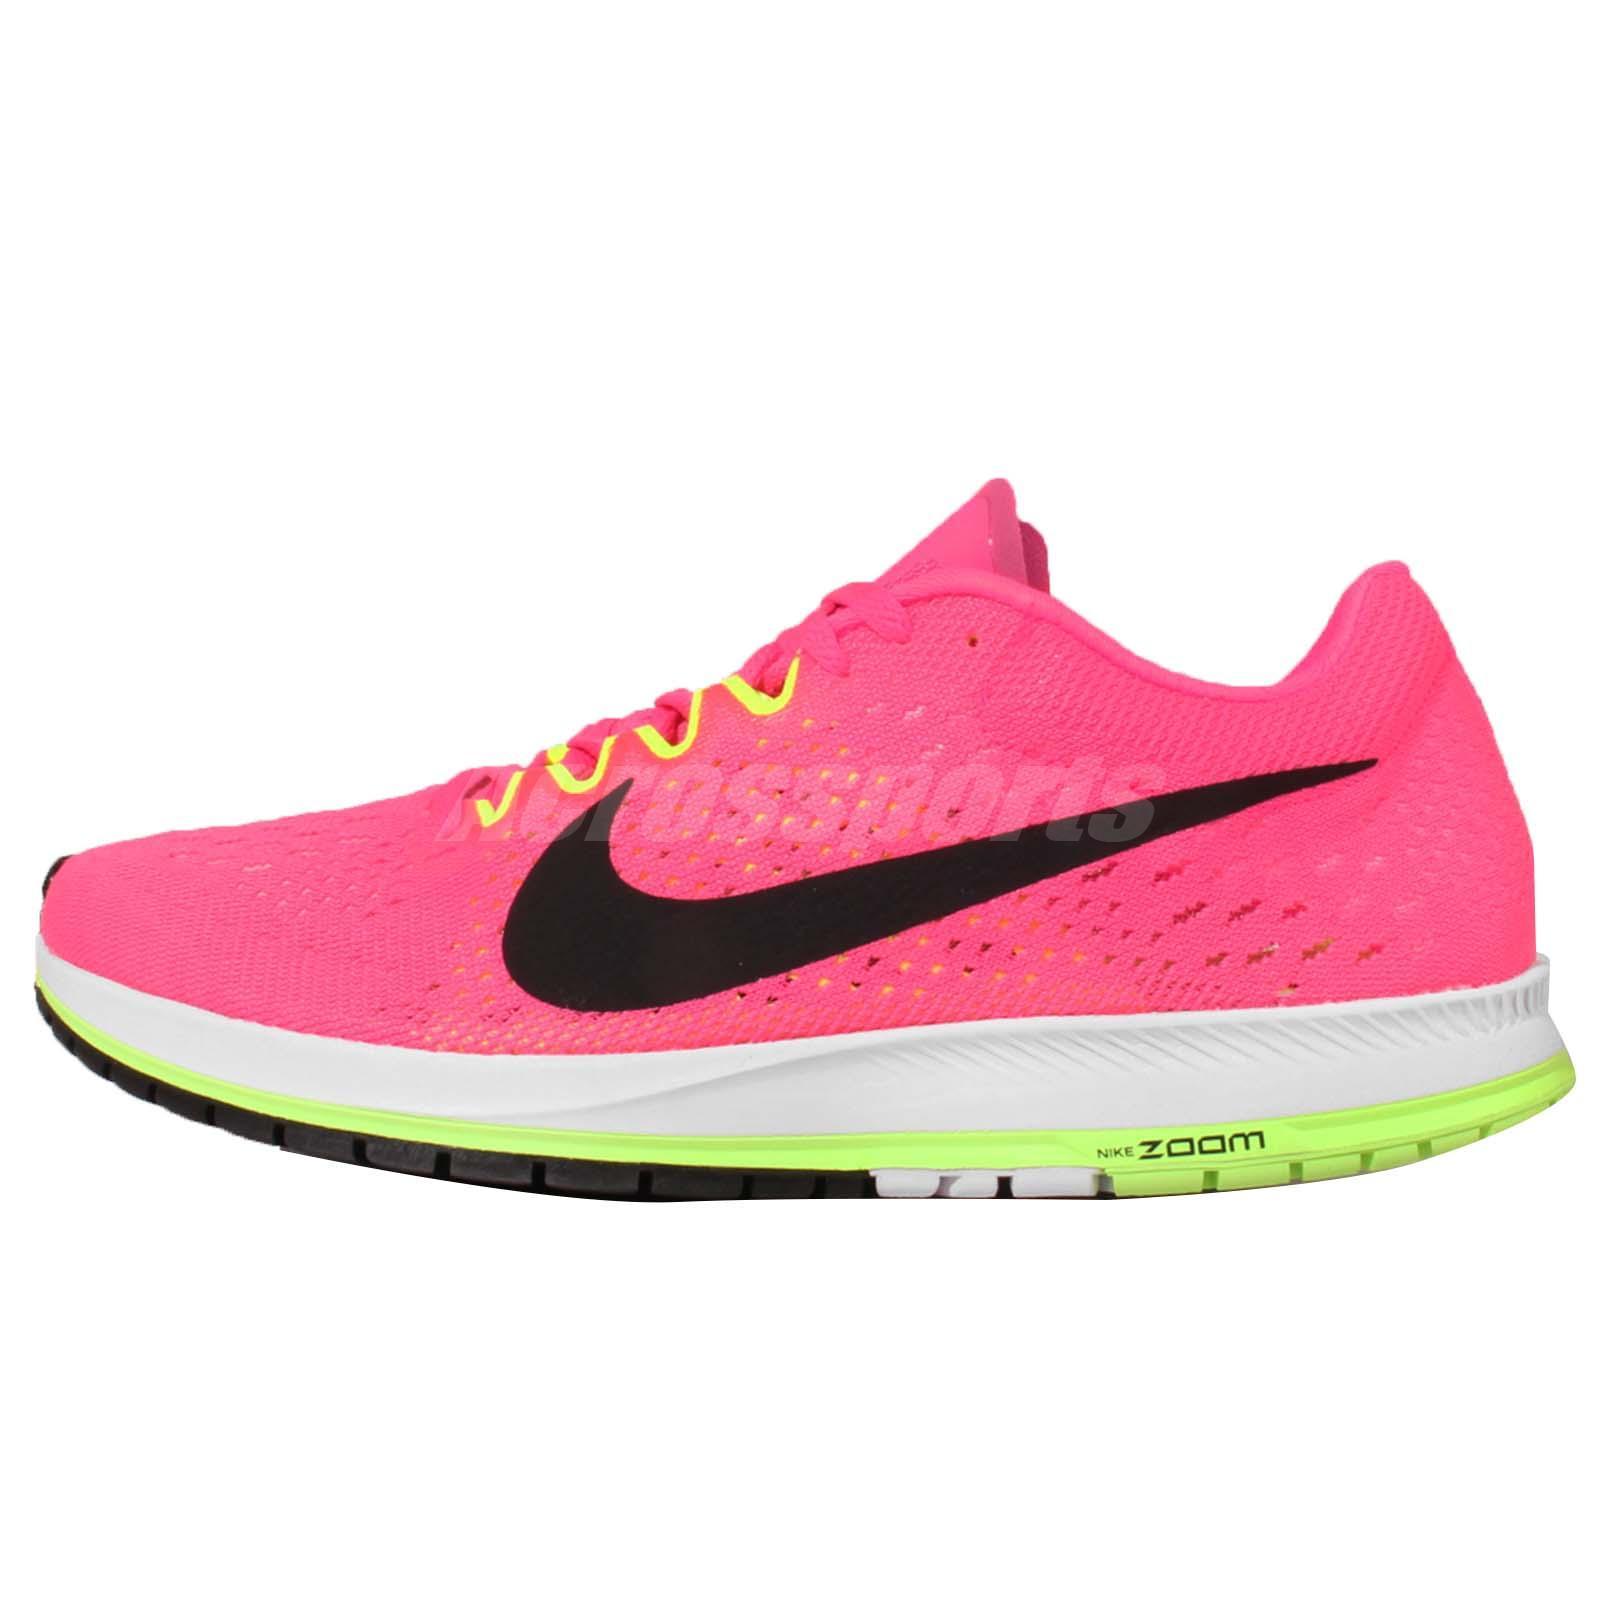 nike zoom streak 6 vi pink mens running shoes track field